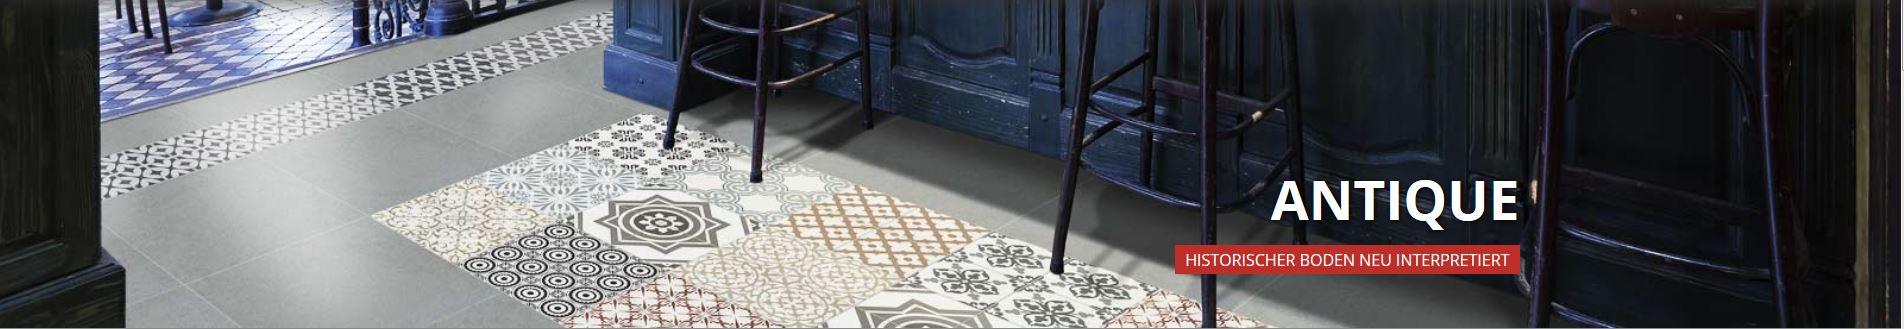 bodenfliese klingenberg antique 50217 bologna 20 x 20 ornament historisch antik ebay. Black Bedroom Furniture Sets. Home Design Ideas